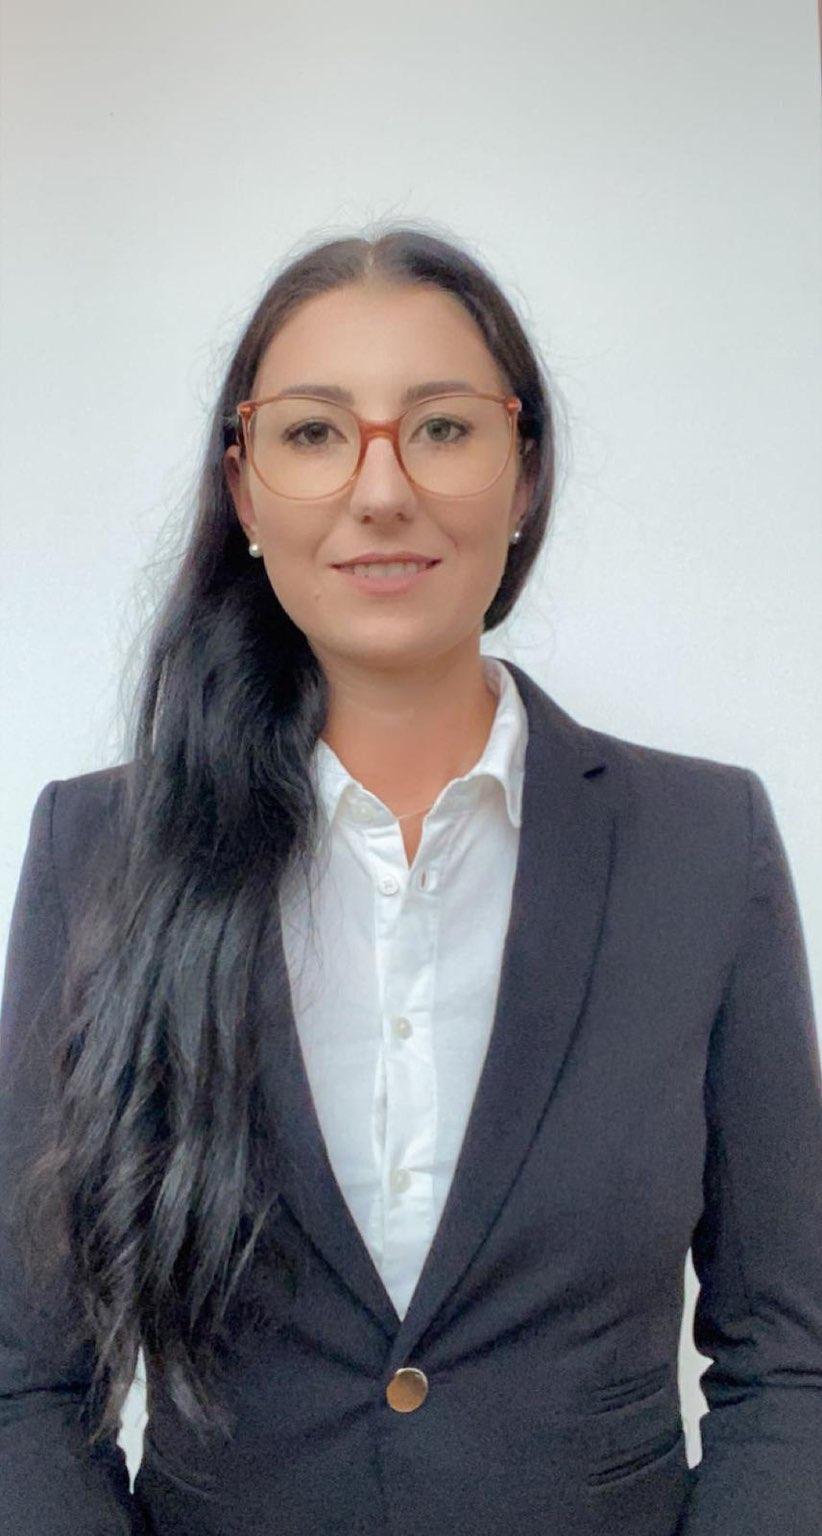 Rechtsanwaltsanwärterin   Mag. Anna Mai